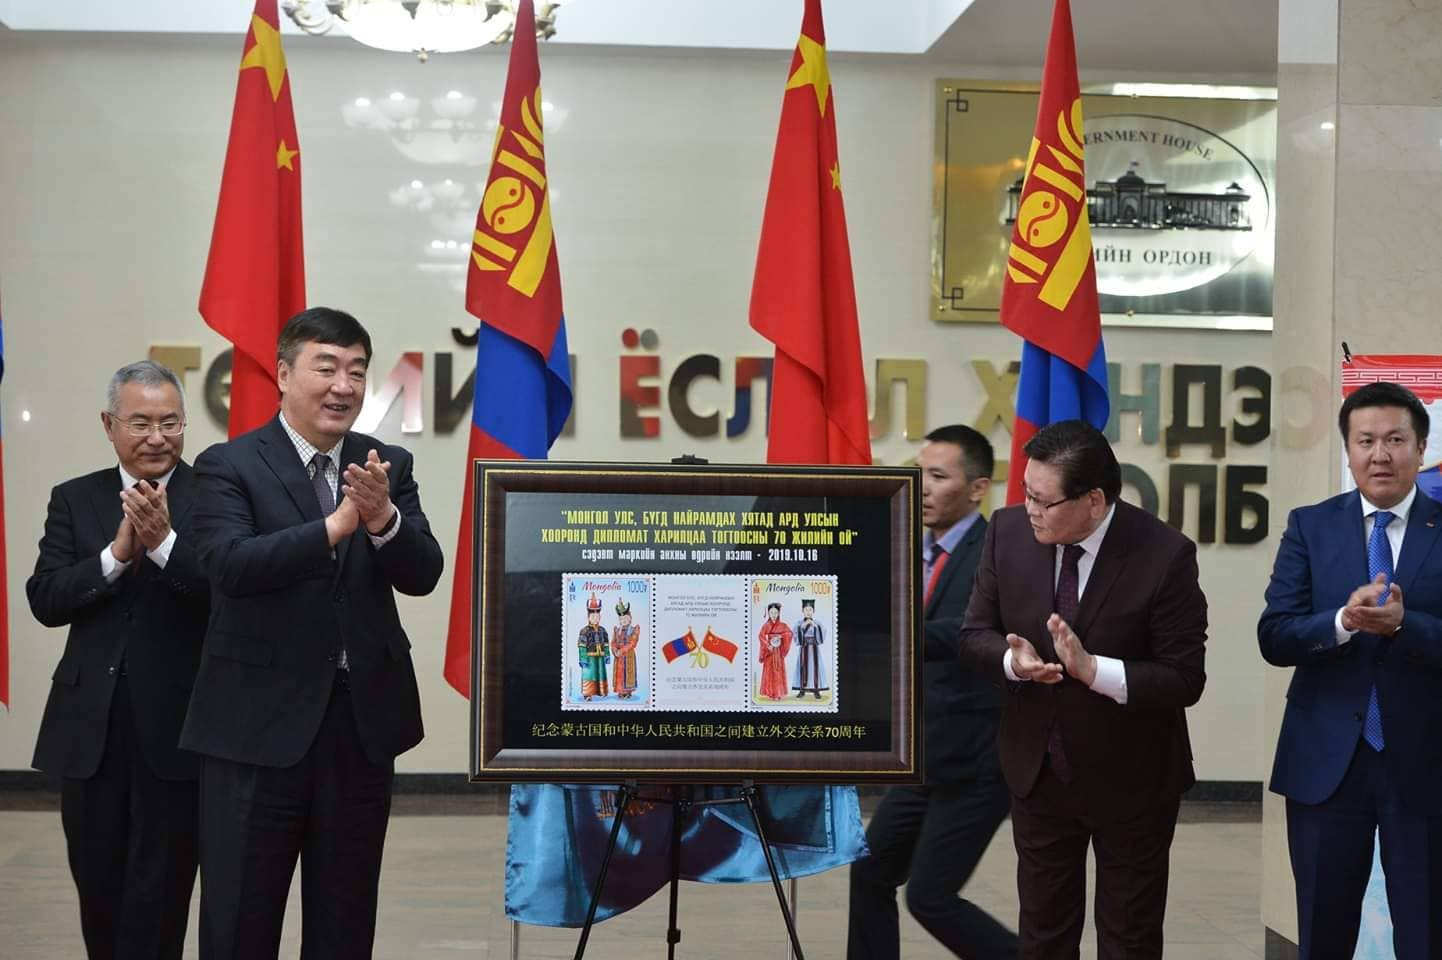 Монгол, Хятадын дипломат харилцааны 70 жилийн ойн шуудангийн марк худалдаанд гарлаа